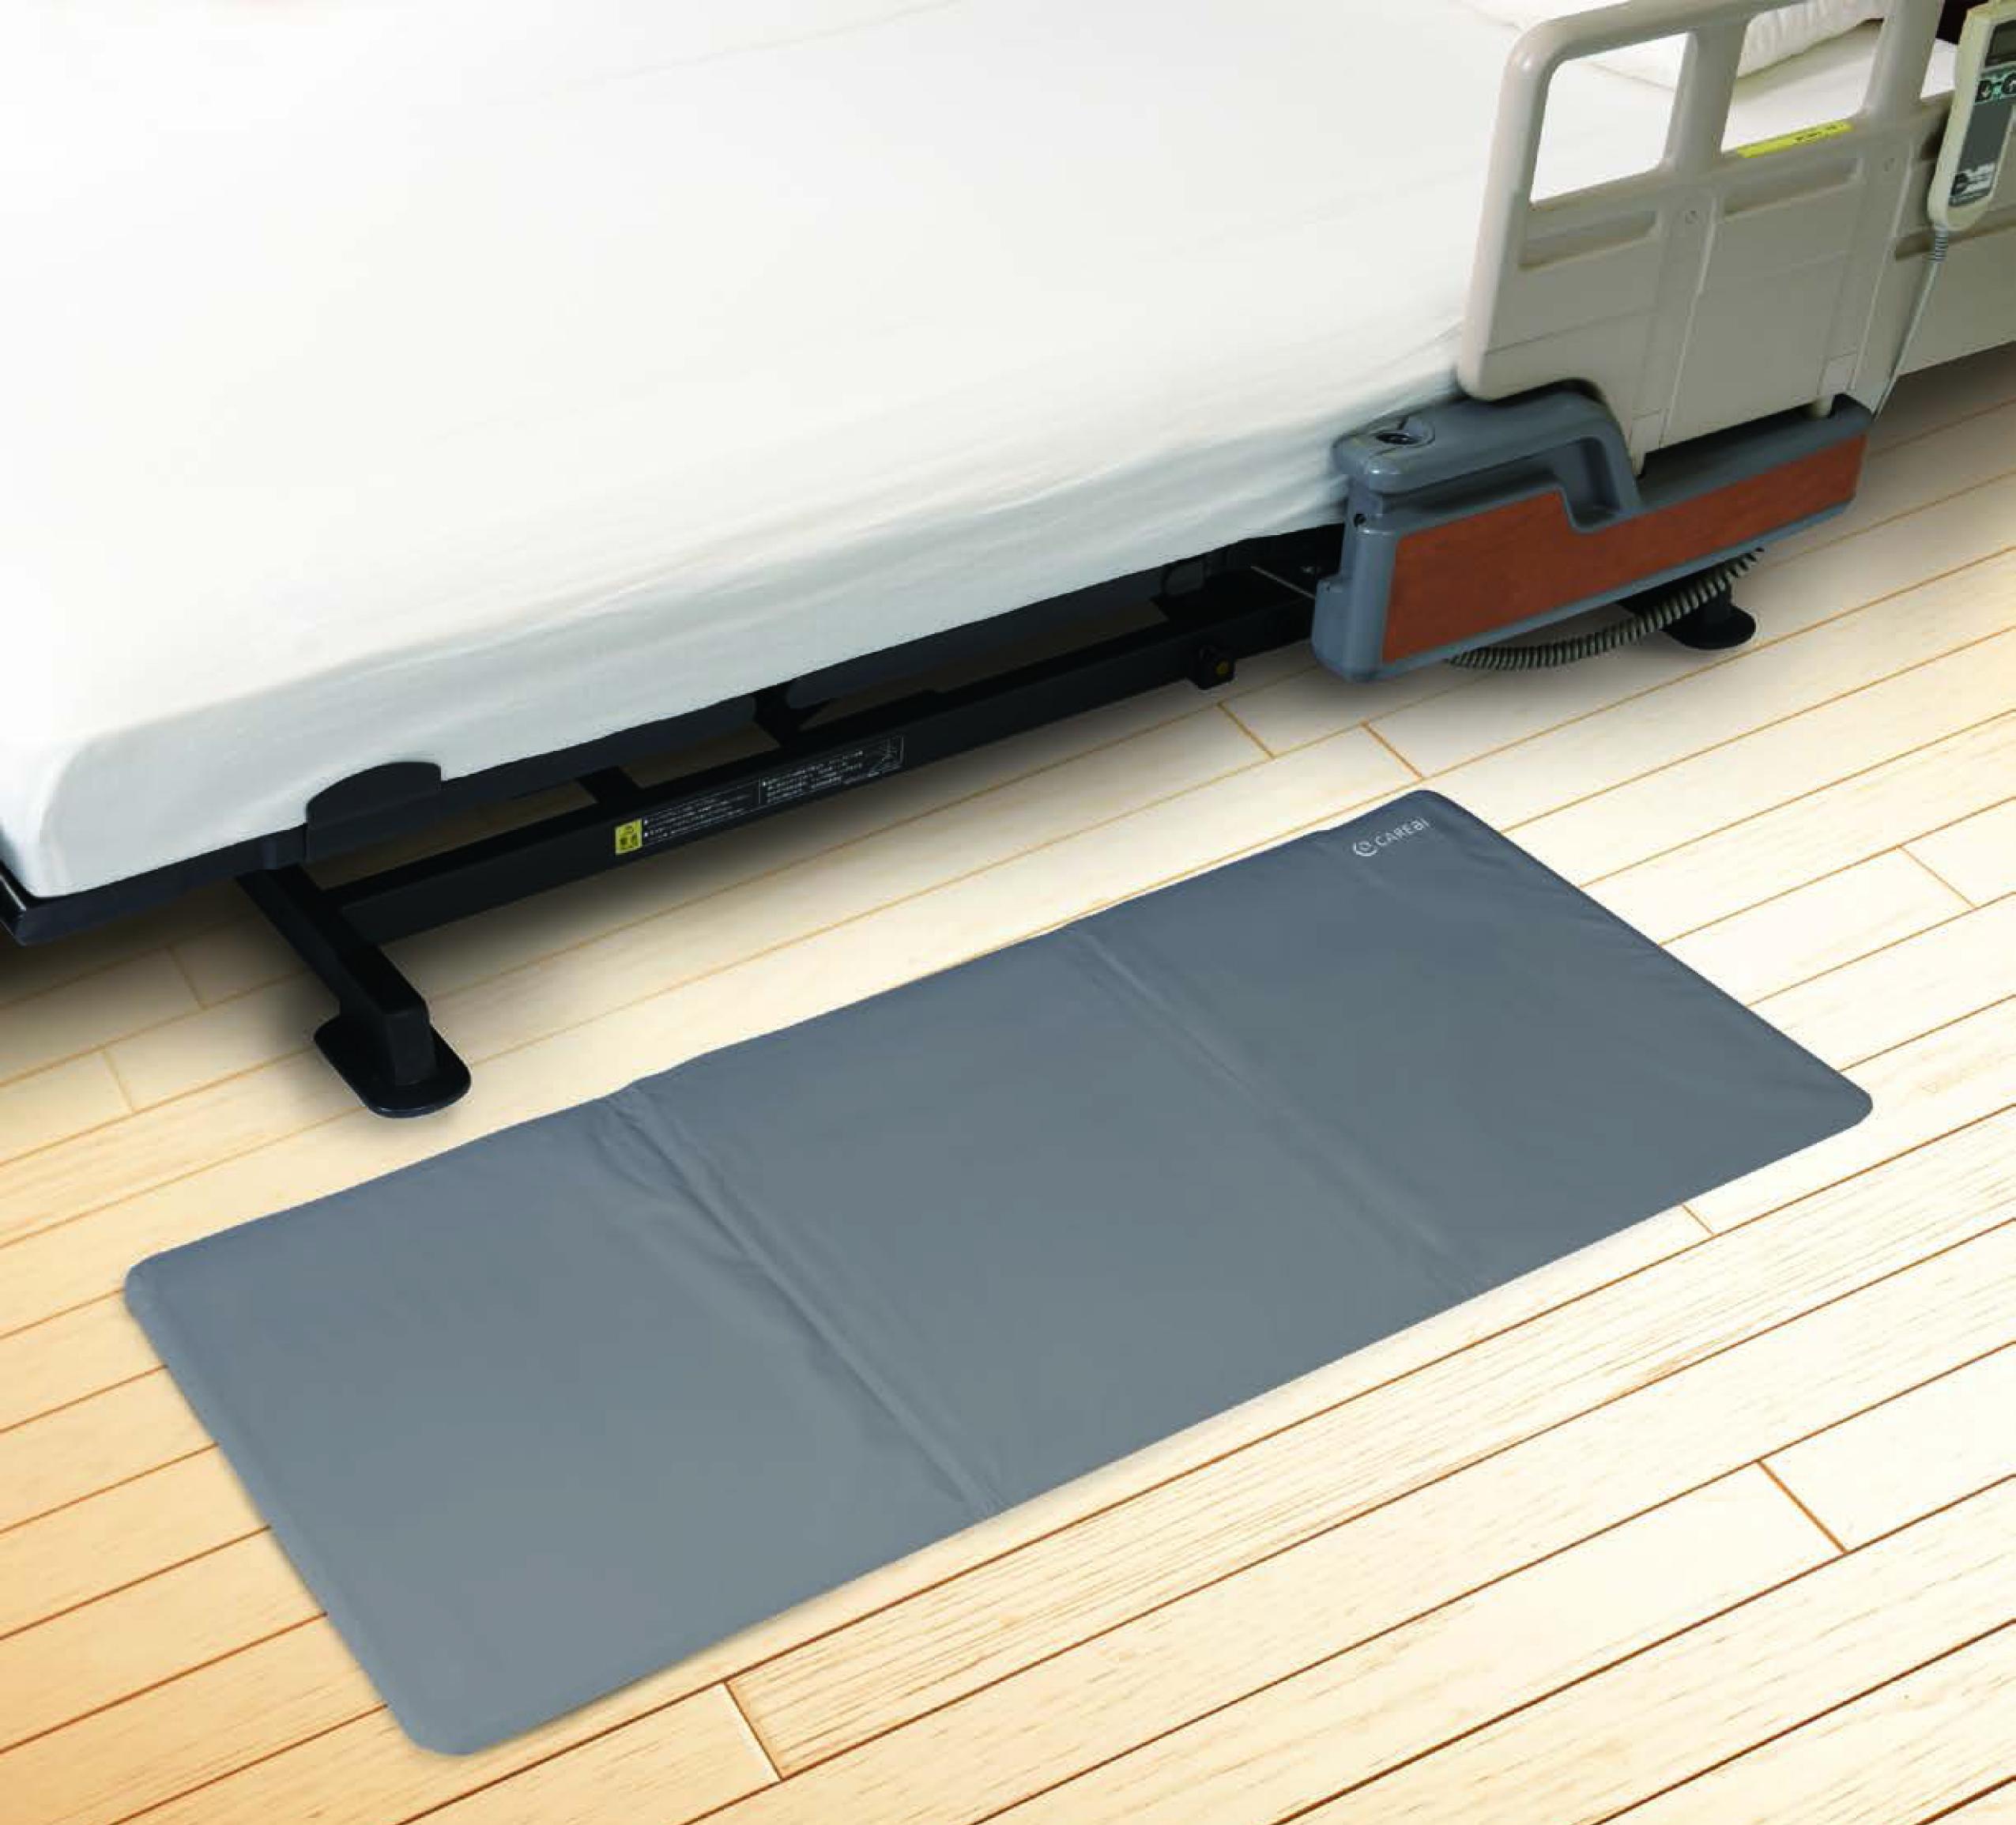 キーワードは「コードレス」!離床センサーの運用コストを低減できます。